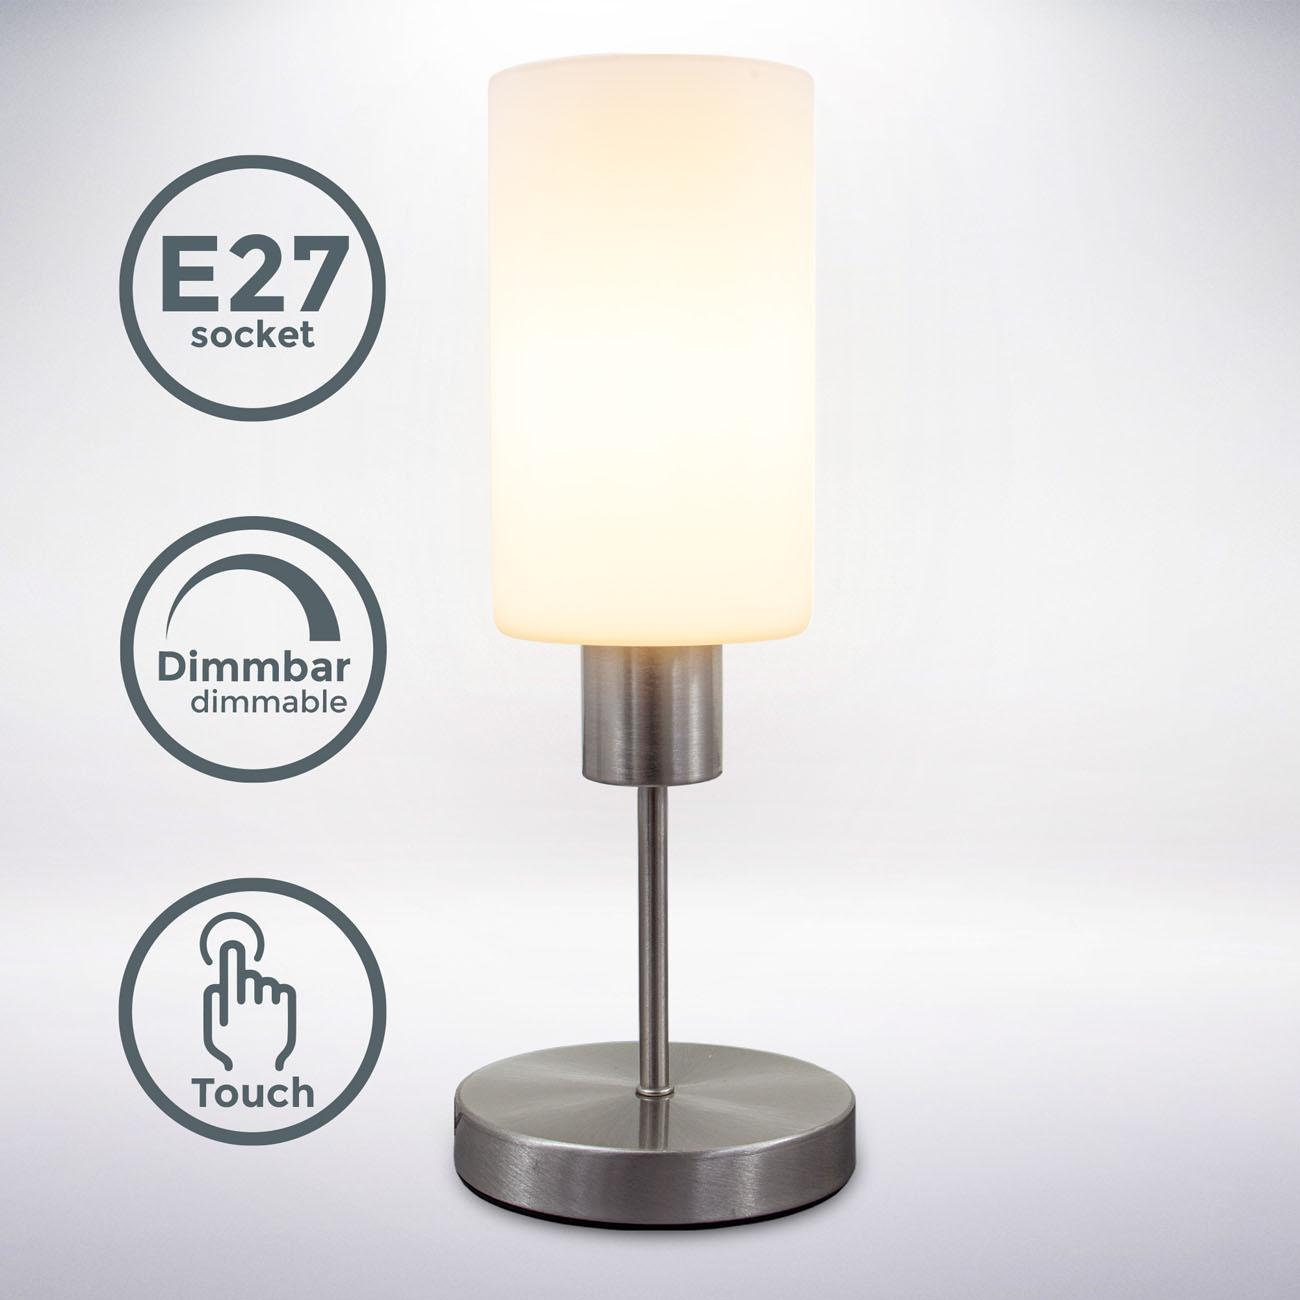 Tischleuchte mit Touchdimmer matt-nickel E27 - 3